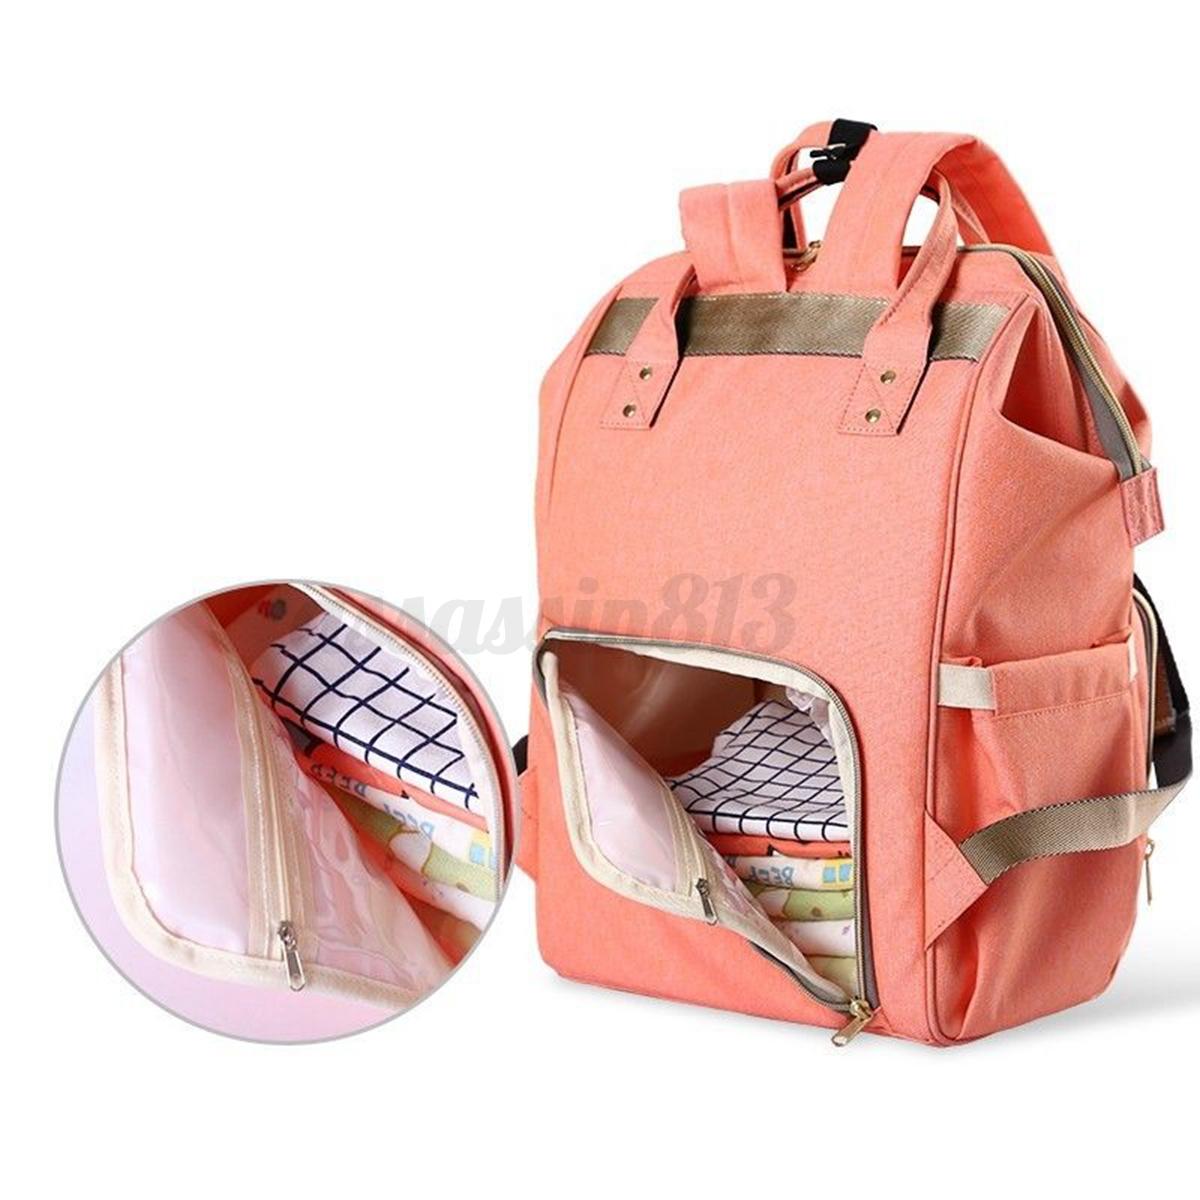 multifunctional baby diaper nappy bag backpack mommy handbag bottle rucksack hot. Black Bedroom Furniture Sets. Home Design Ideas